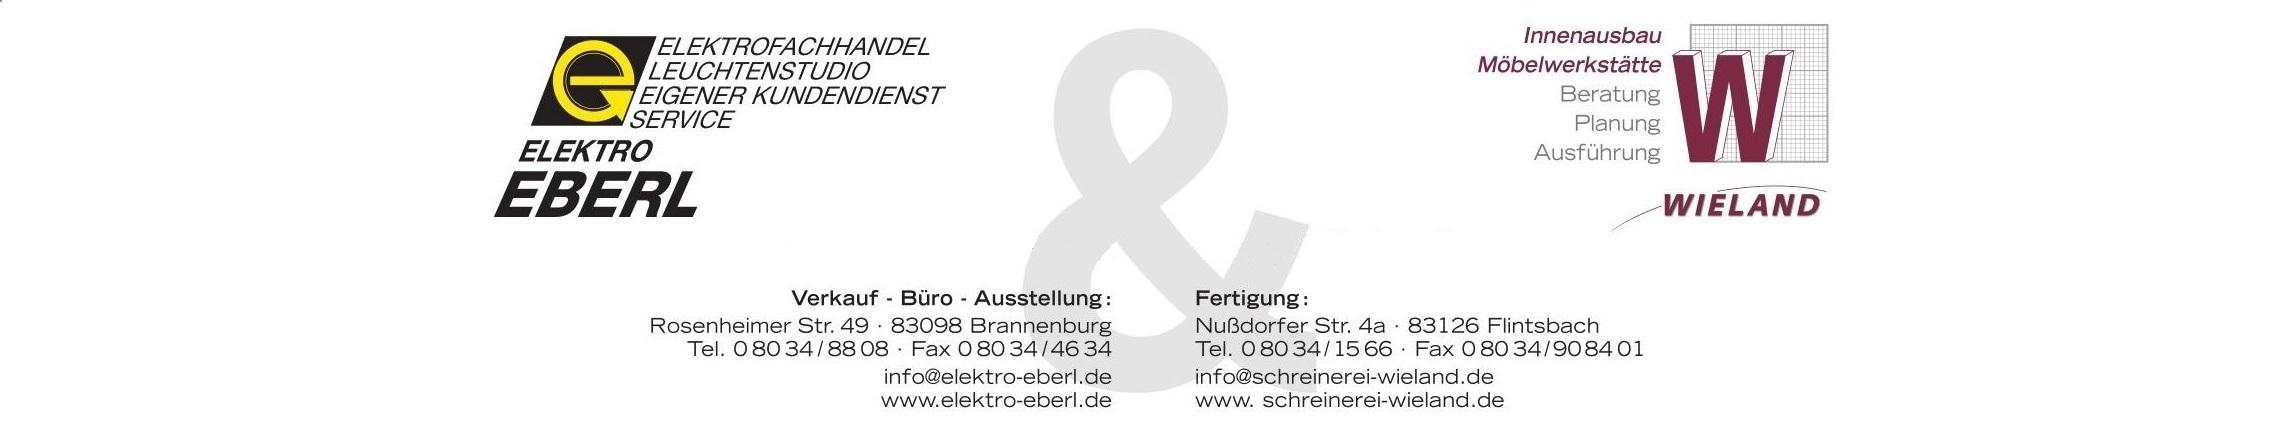 Elektro Eberl Schreinerei Wieland Brannenburg Flintsbach Ihre